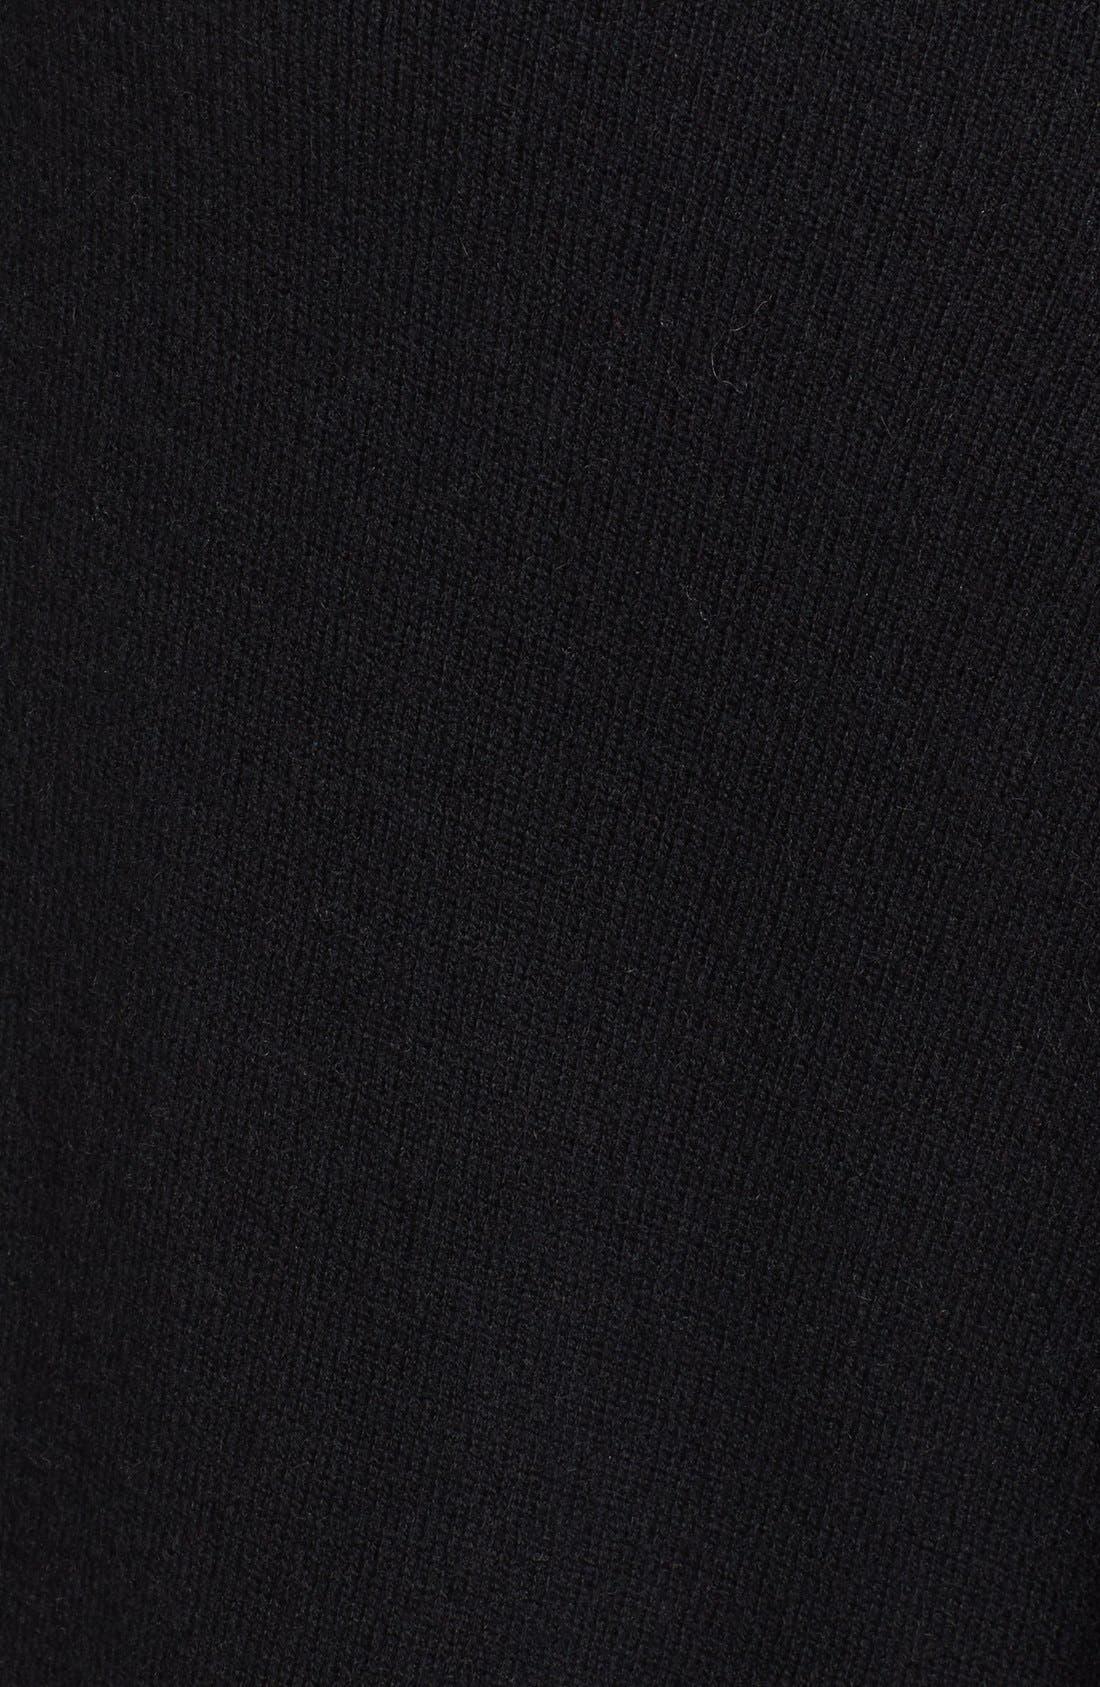 Wool & Cashmere Drape Front Sweater Vest,                             Alternate thumbnail 52, color,